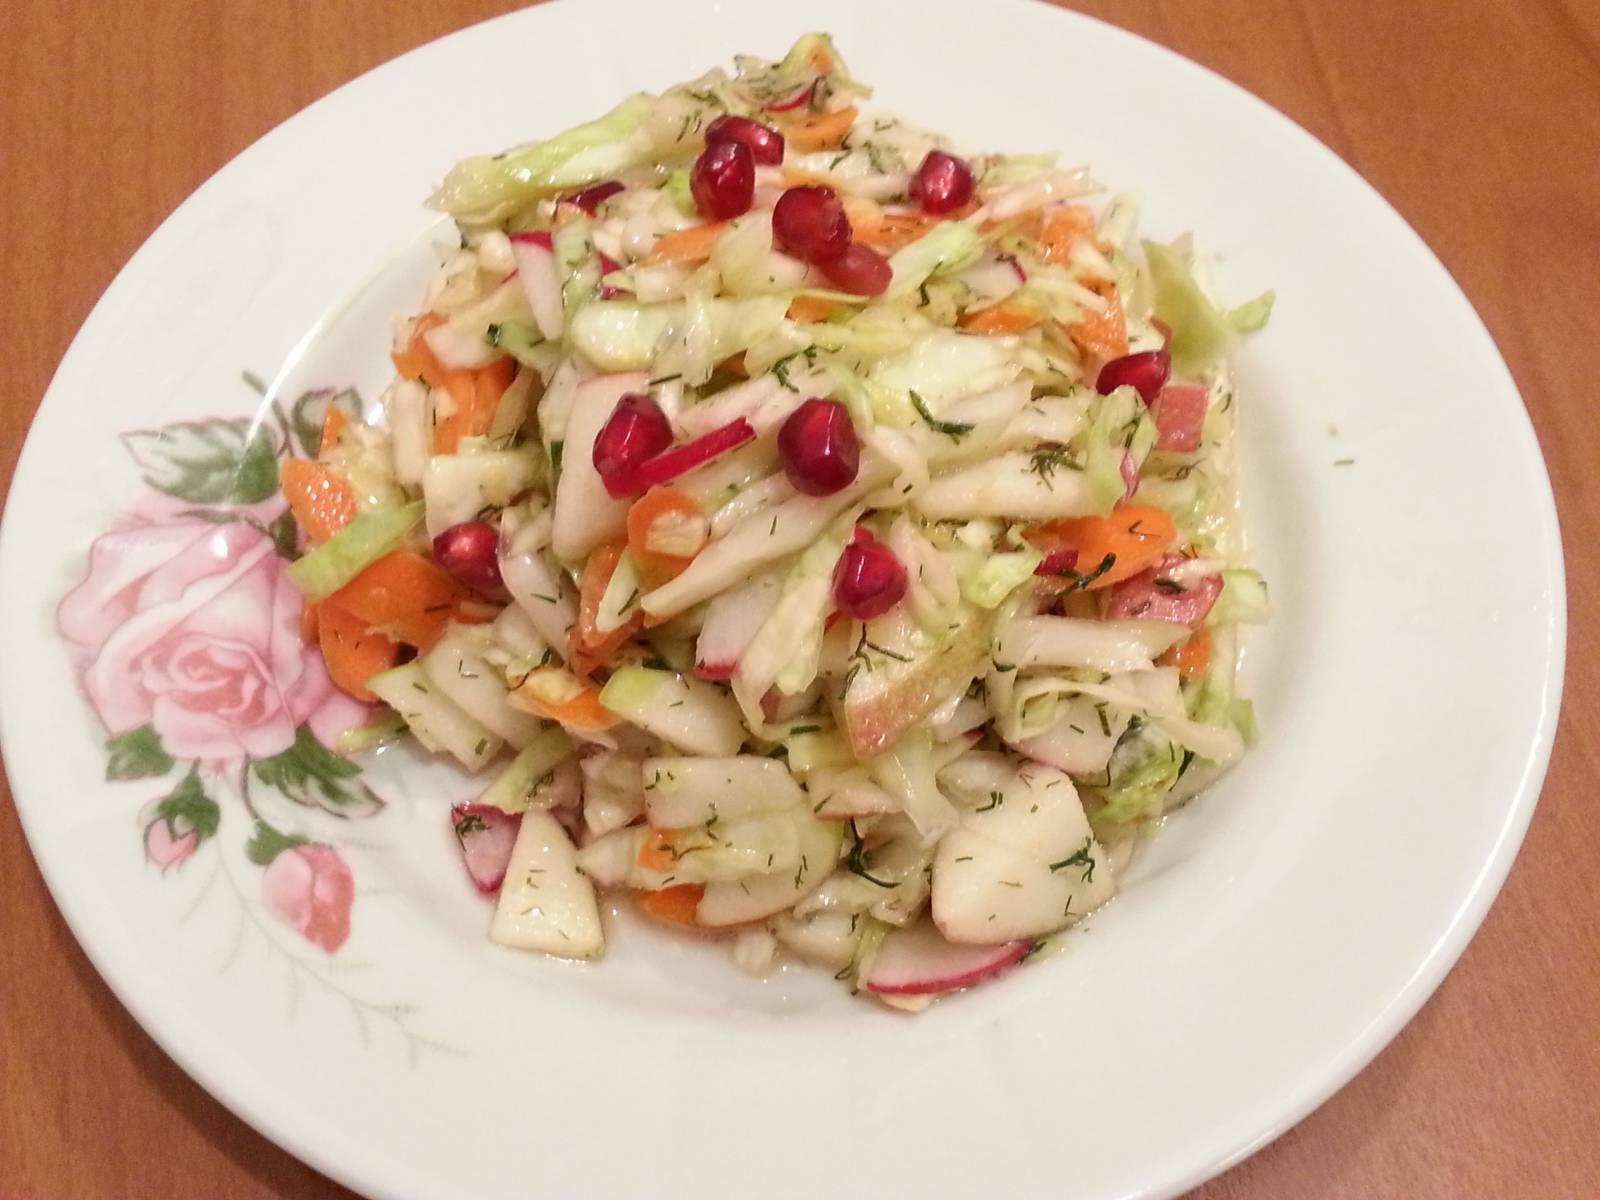 Овощной салат-ассорти с имбирной заправкой De2285ede592d81ed2f00a7d046bfe204a6c5e137331187